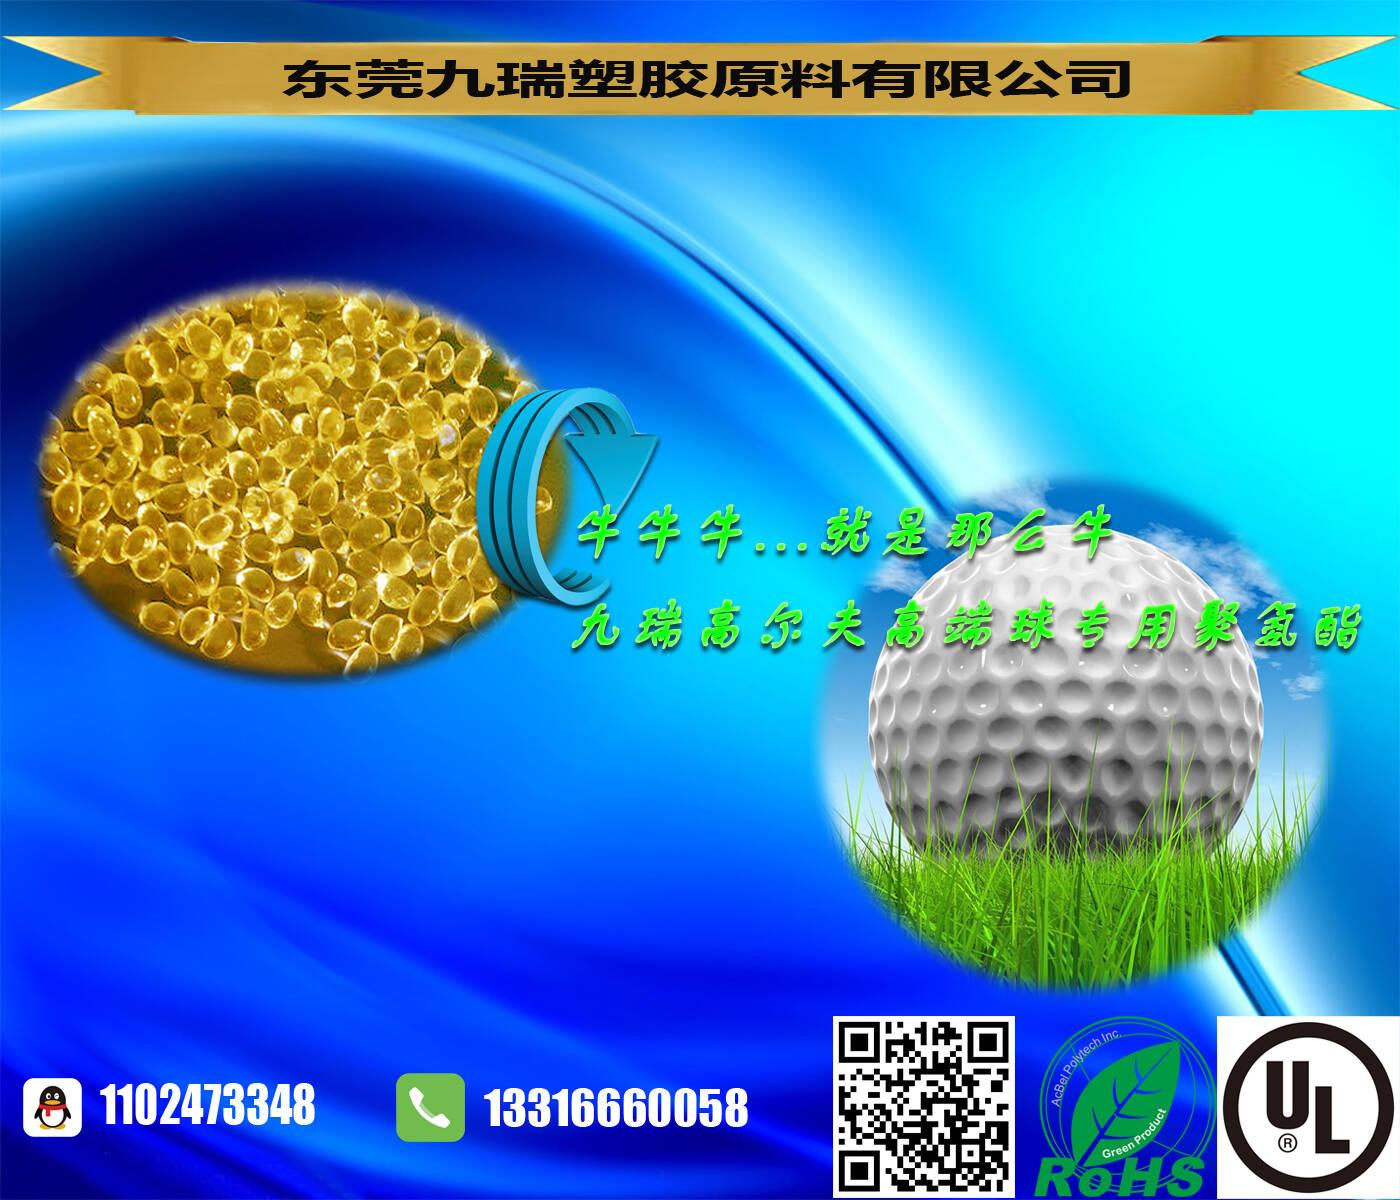 高尔夫球制作材料92A聚氨酯树脂G-42D92A55N